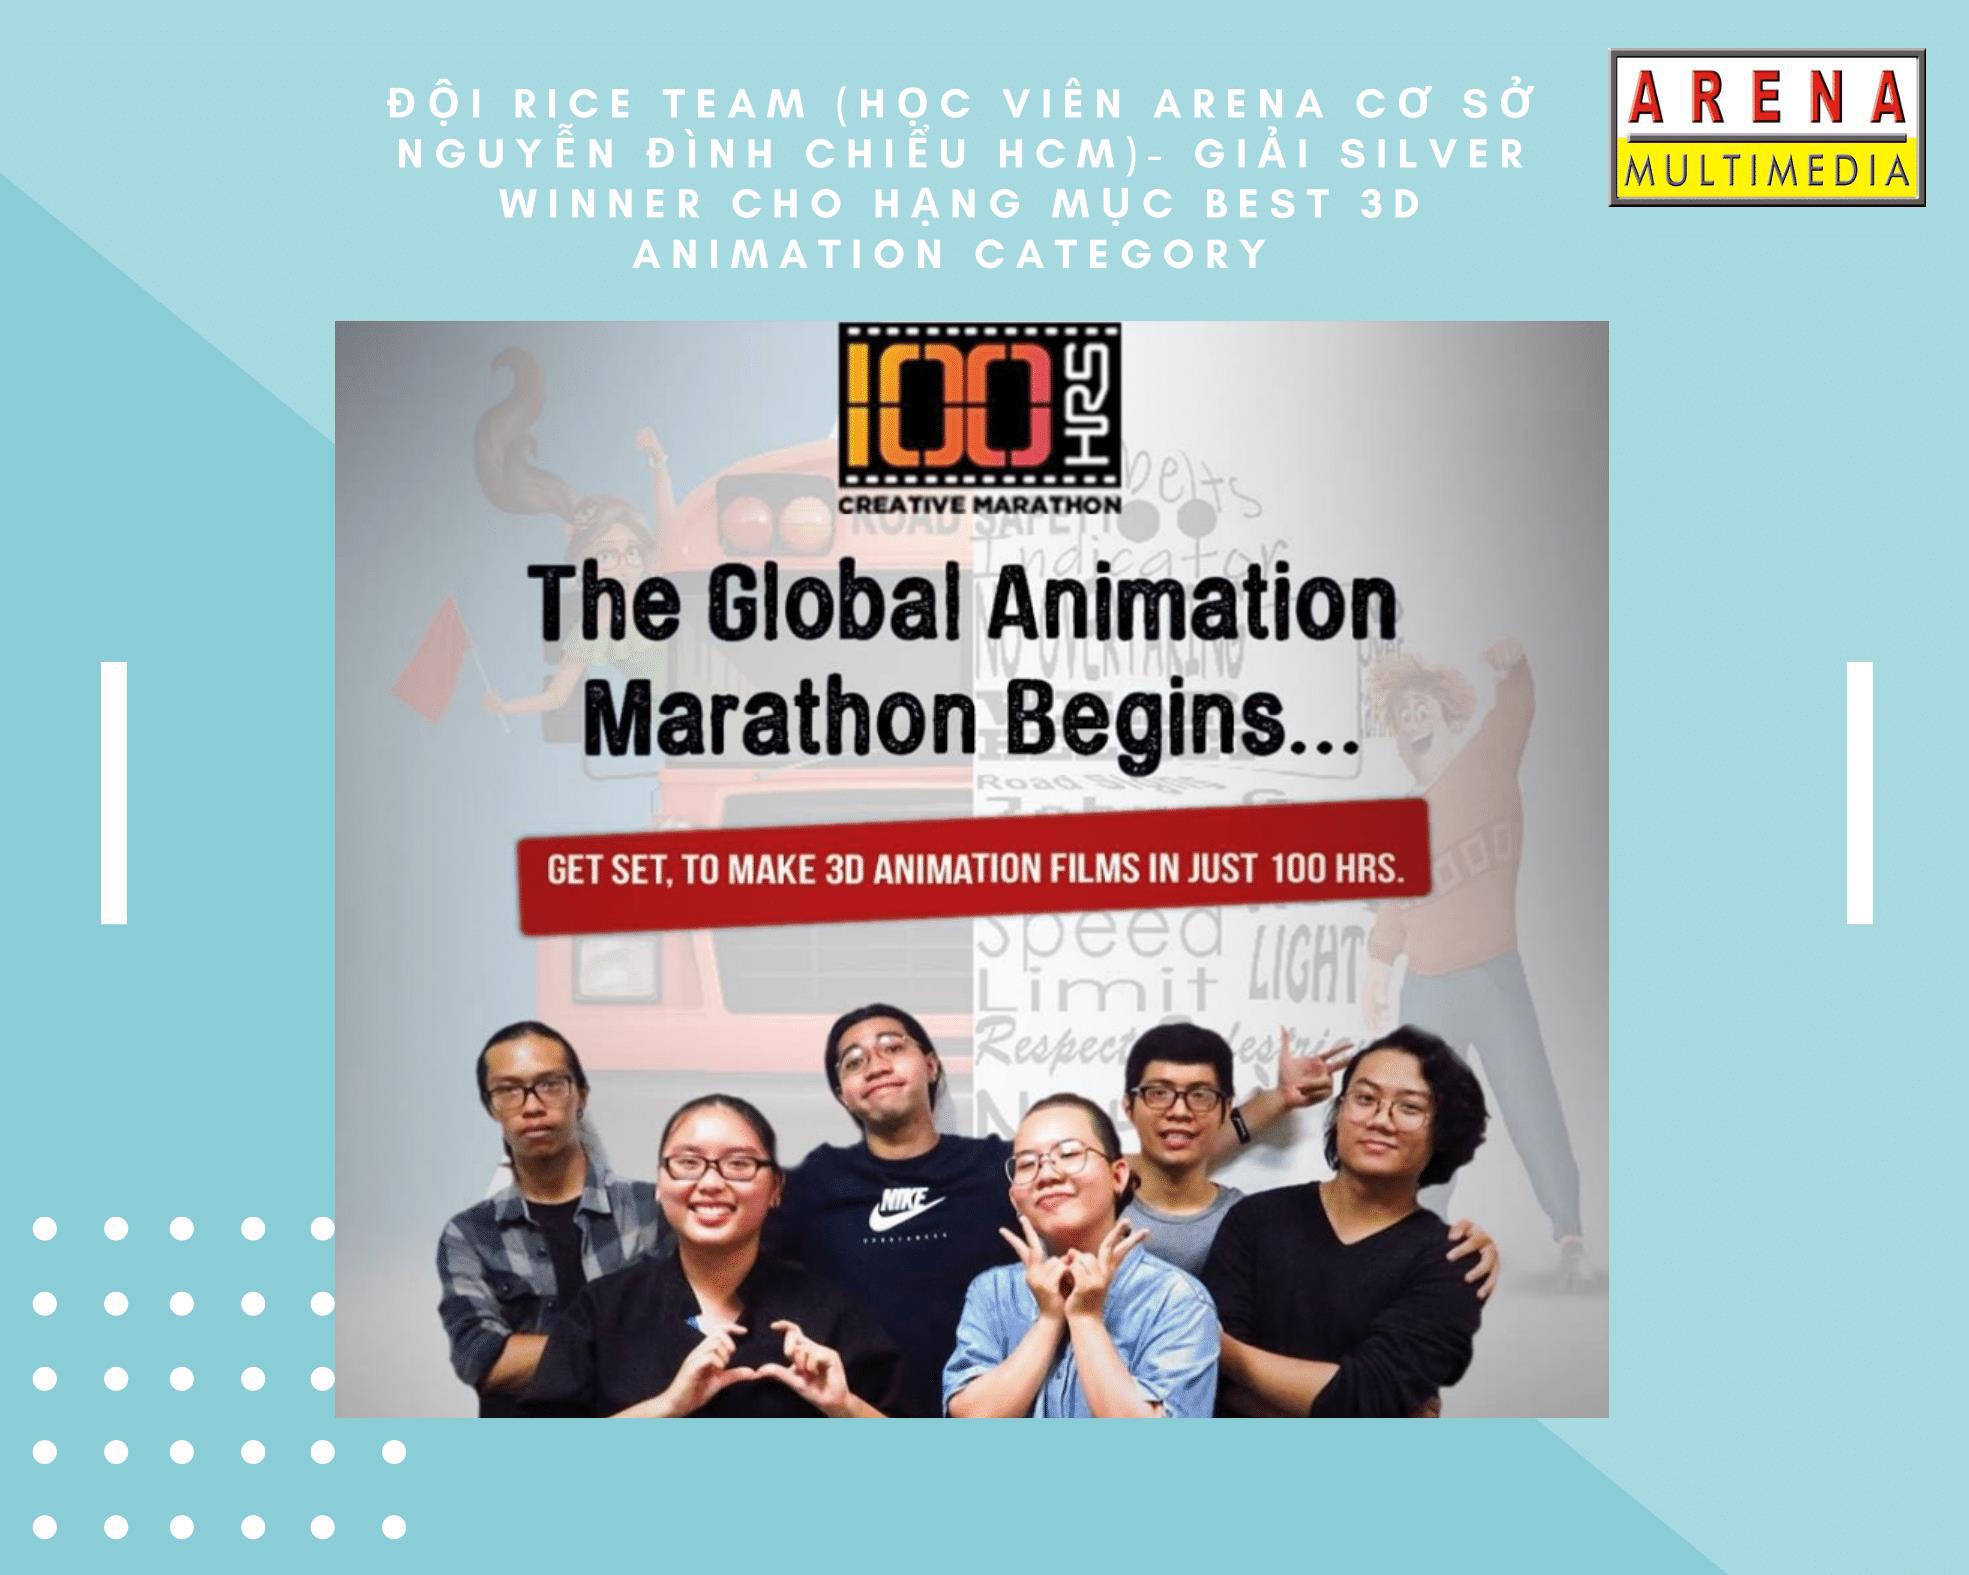 Arena Multimedia: Đào tạo vượt xa trải nghiệm - Ảnh 4.